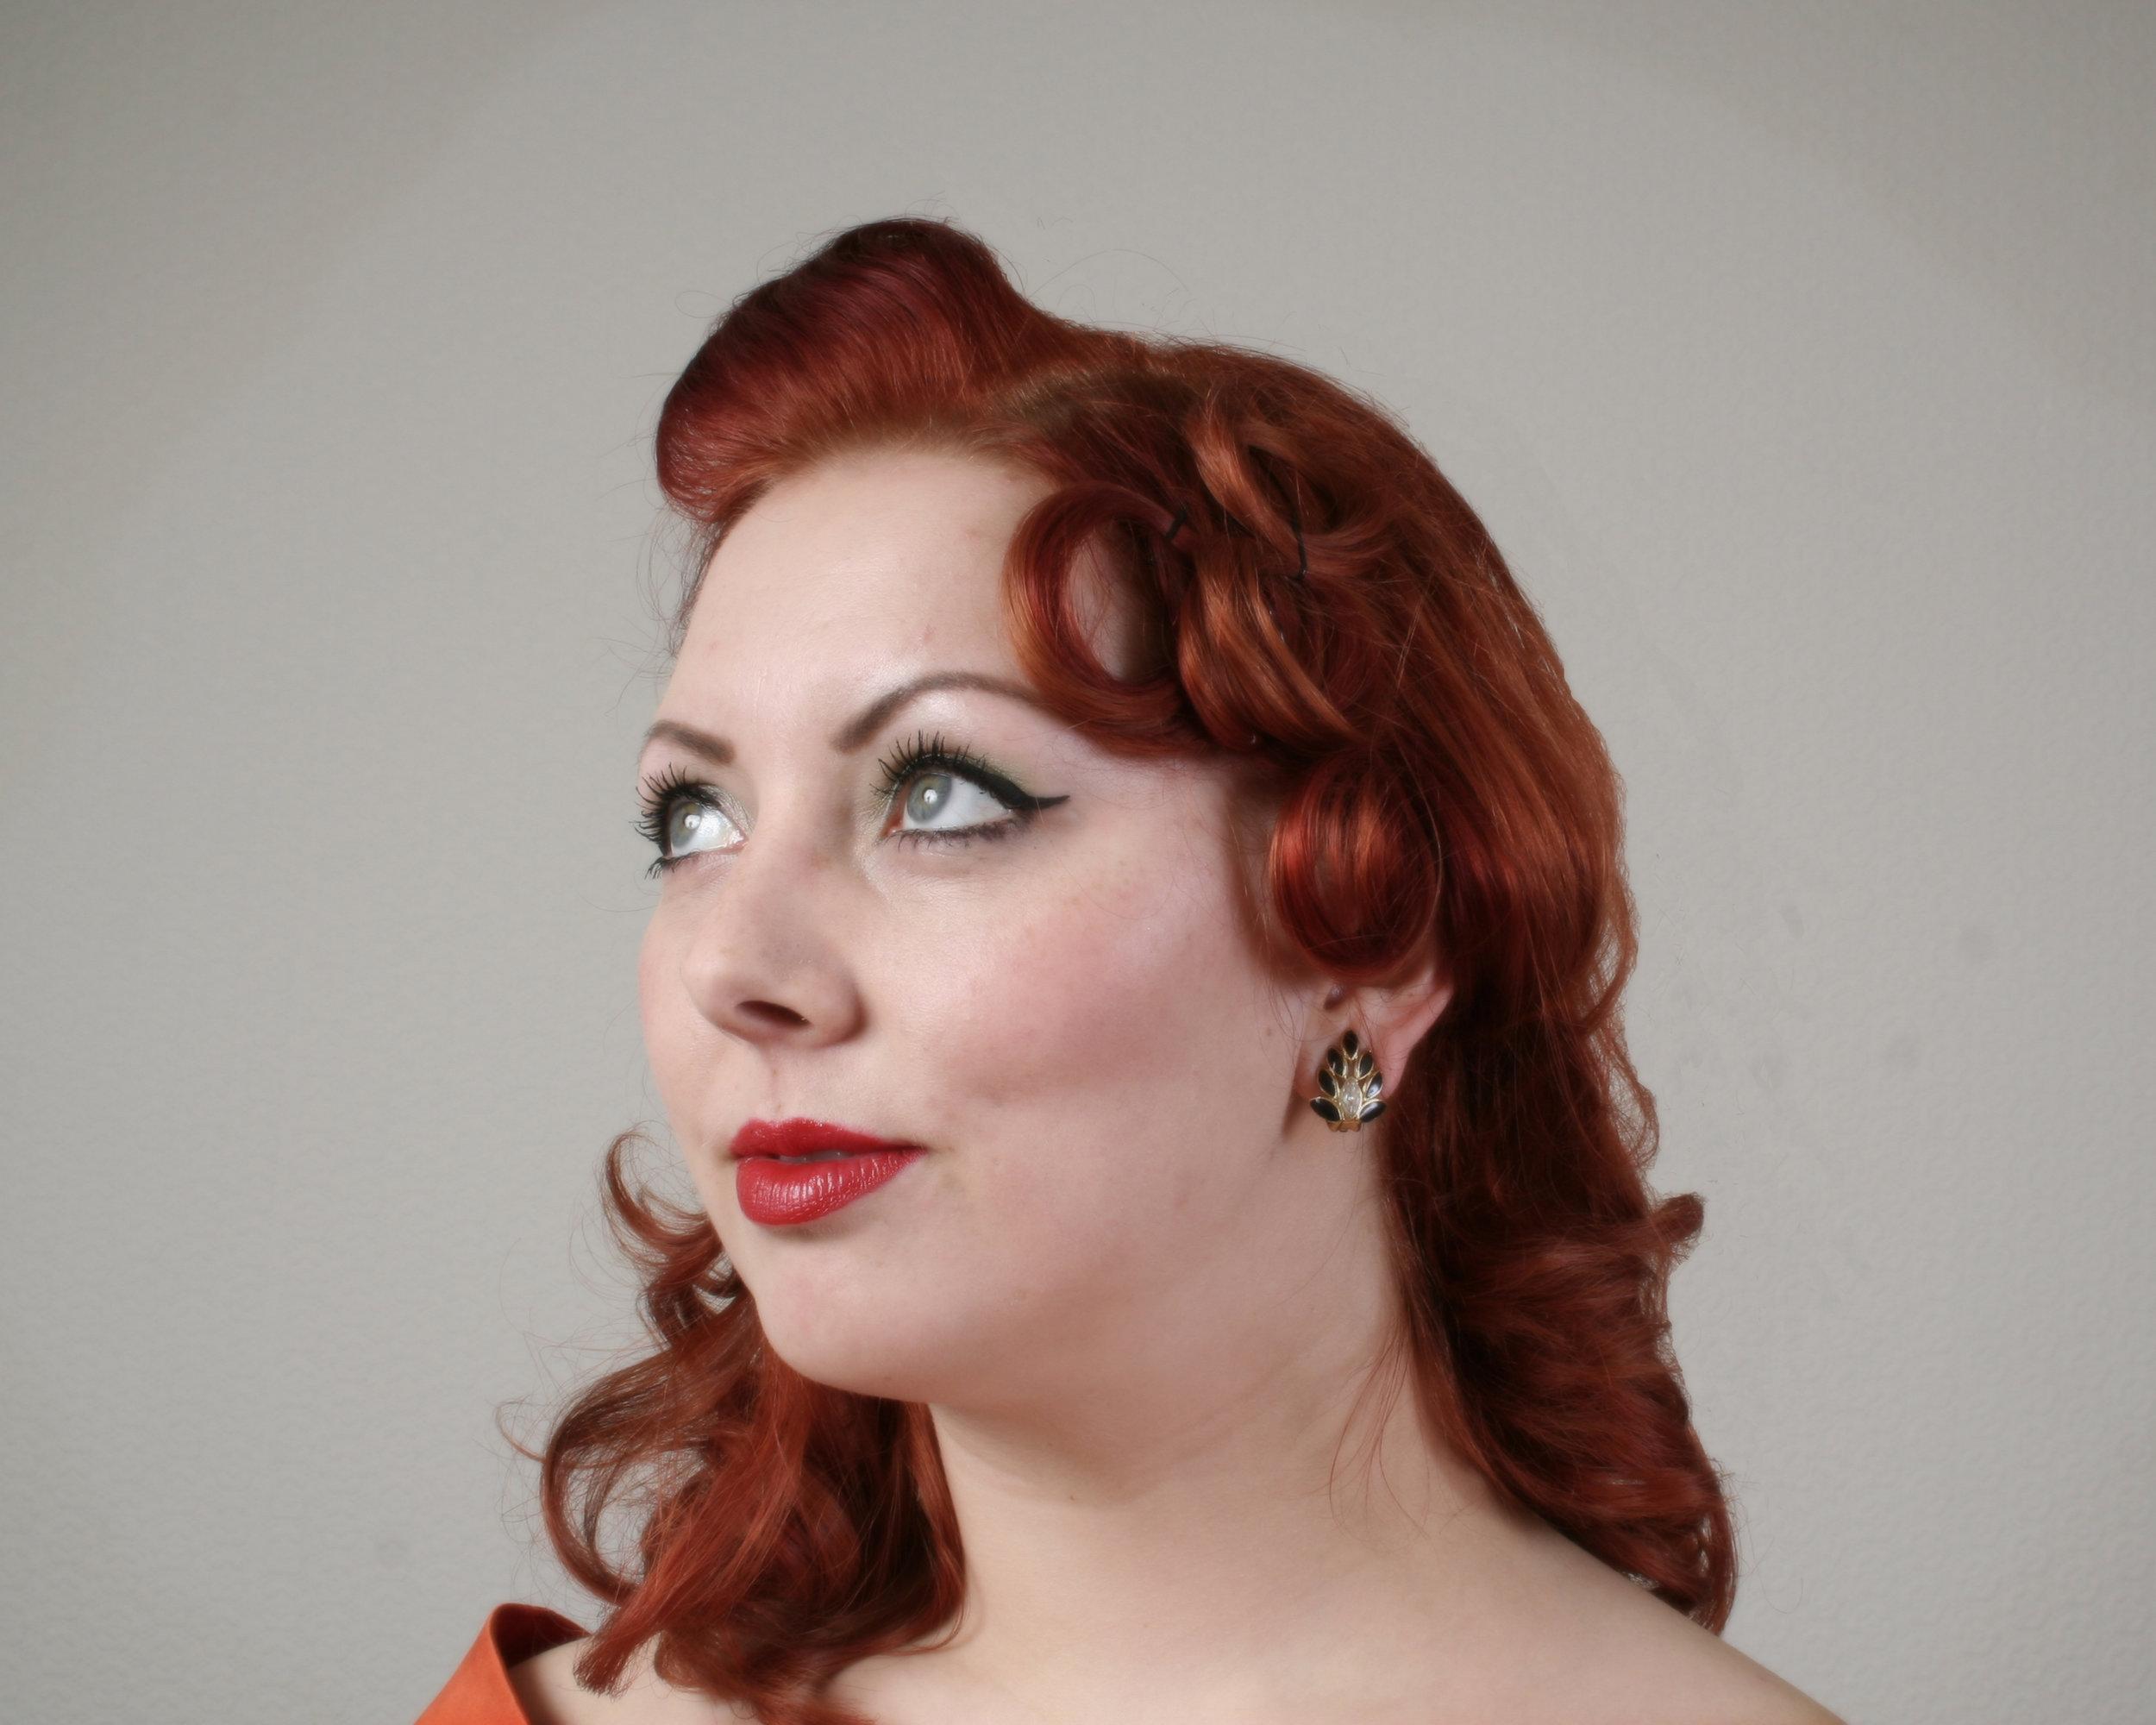 eili redhead.jpg